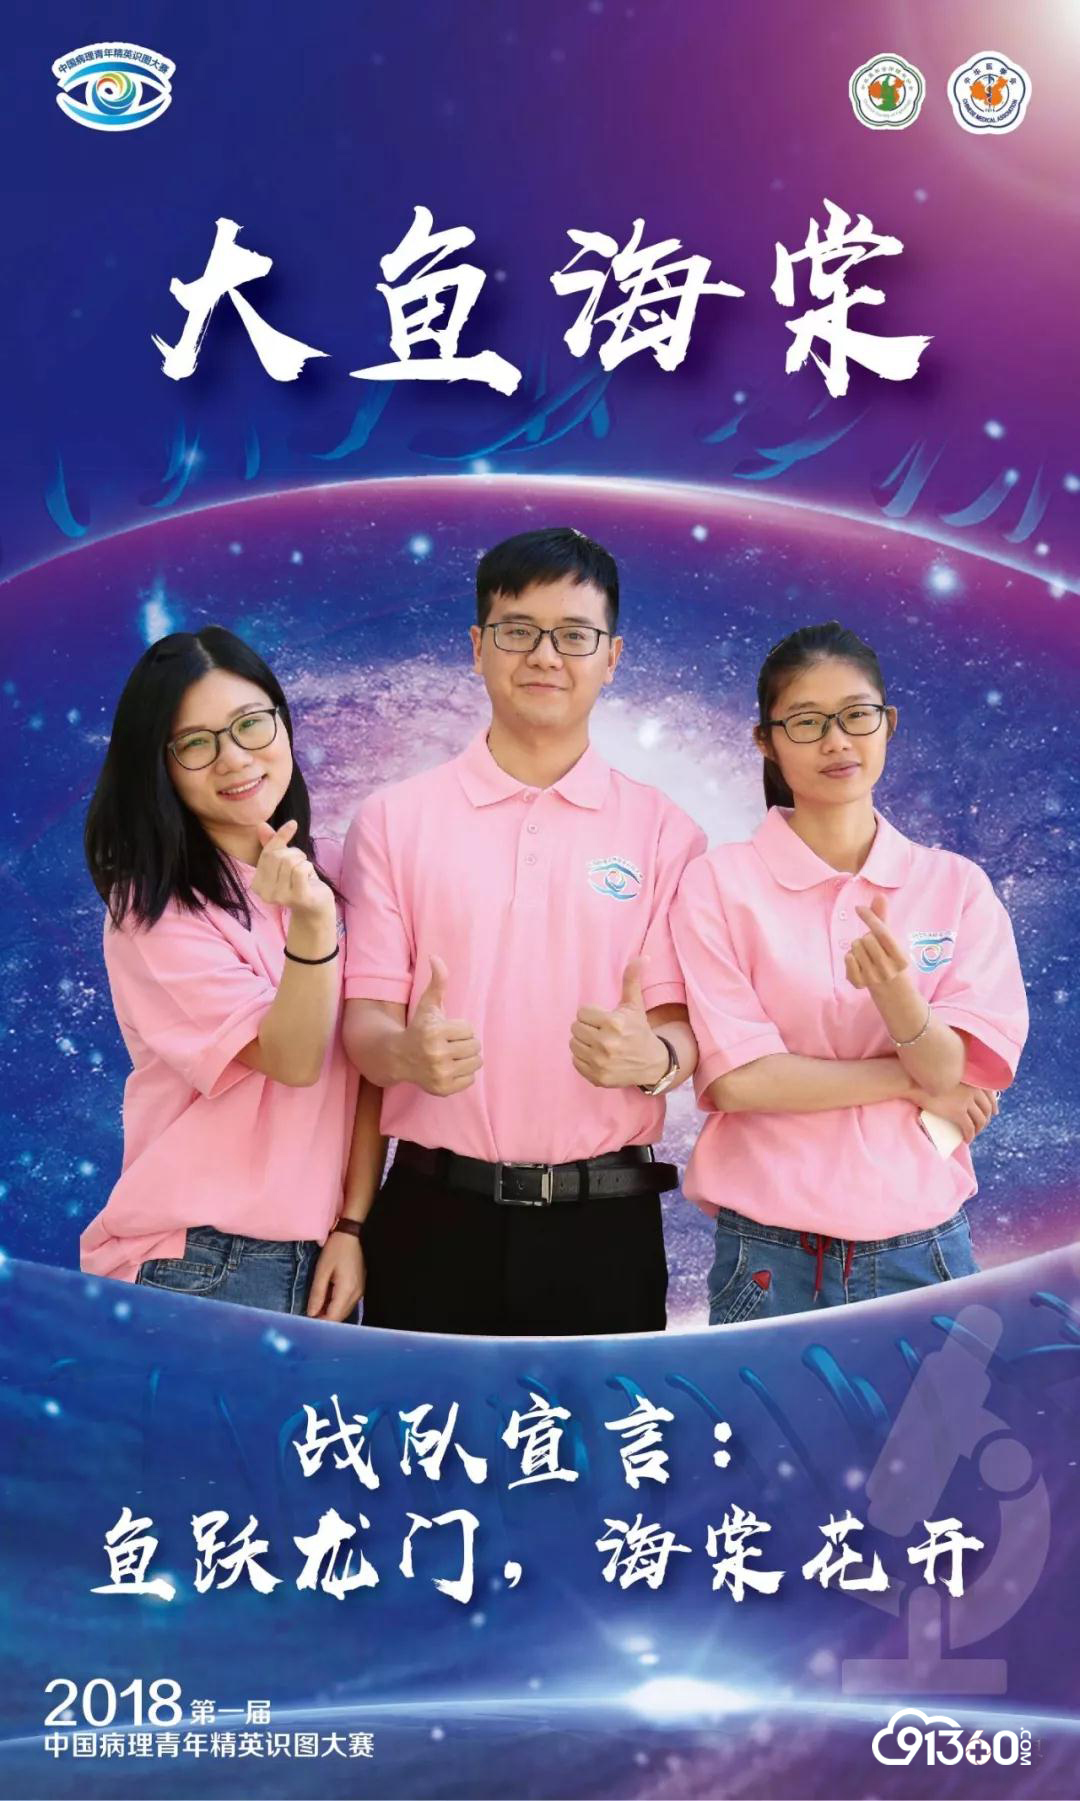 第一届中国病理青年精英识图大赛决赛通知(第二轮)